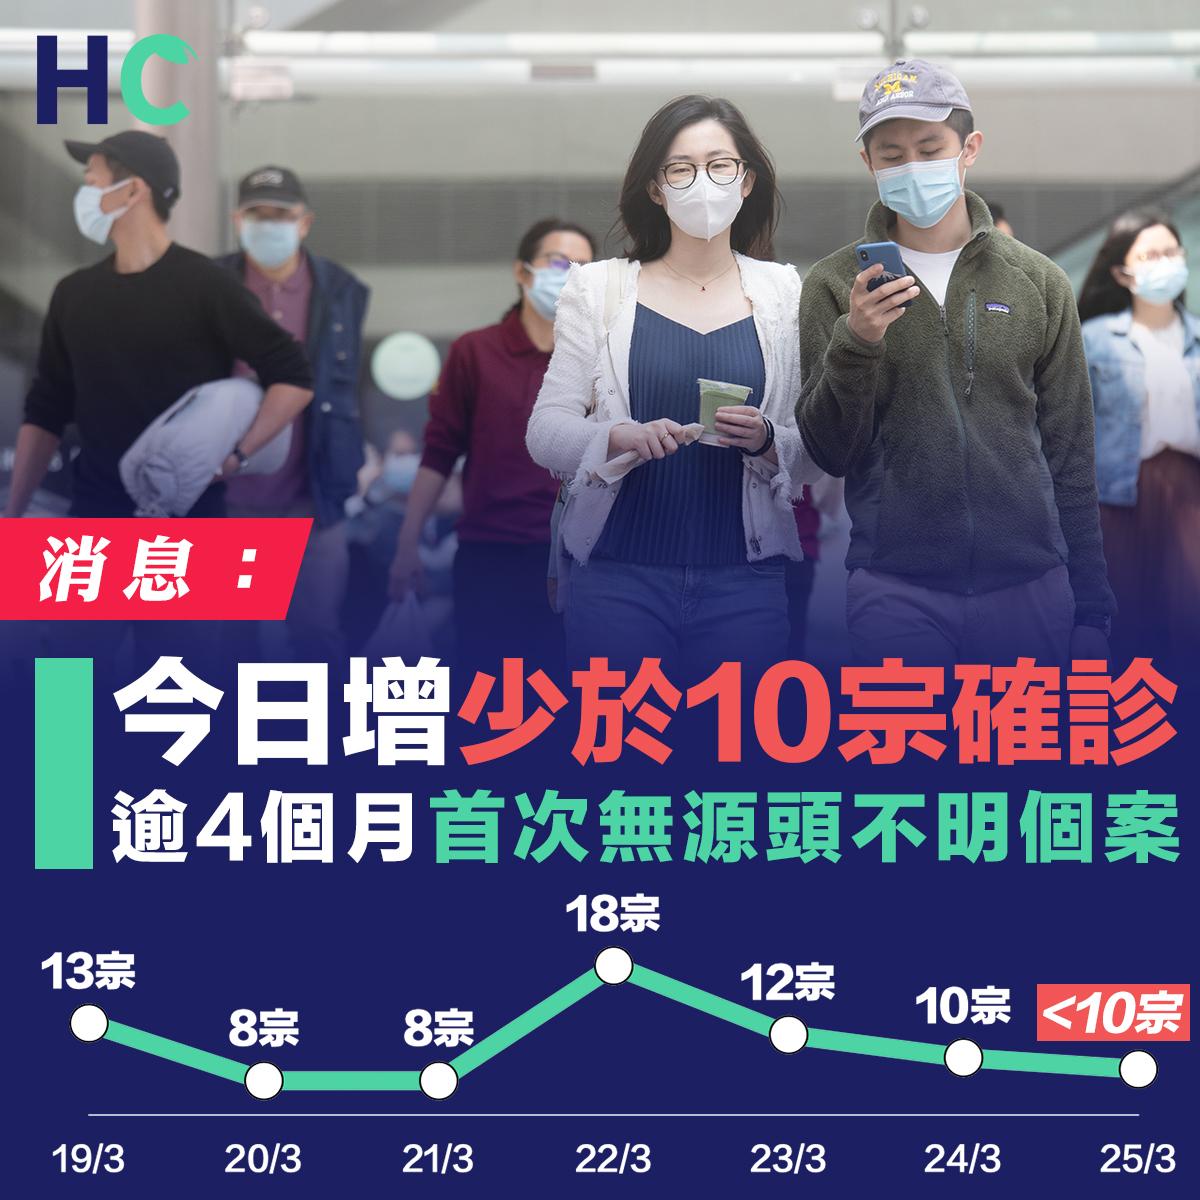 消息:今日增少於10宗確診 逾4個月首次無源頭不明個案